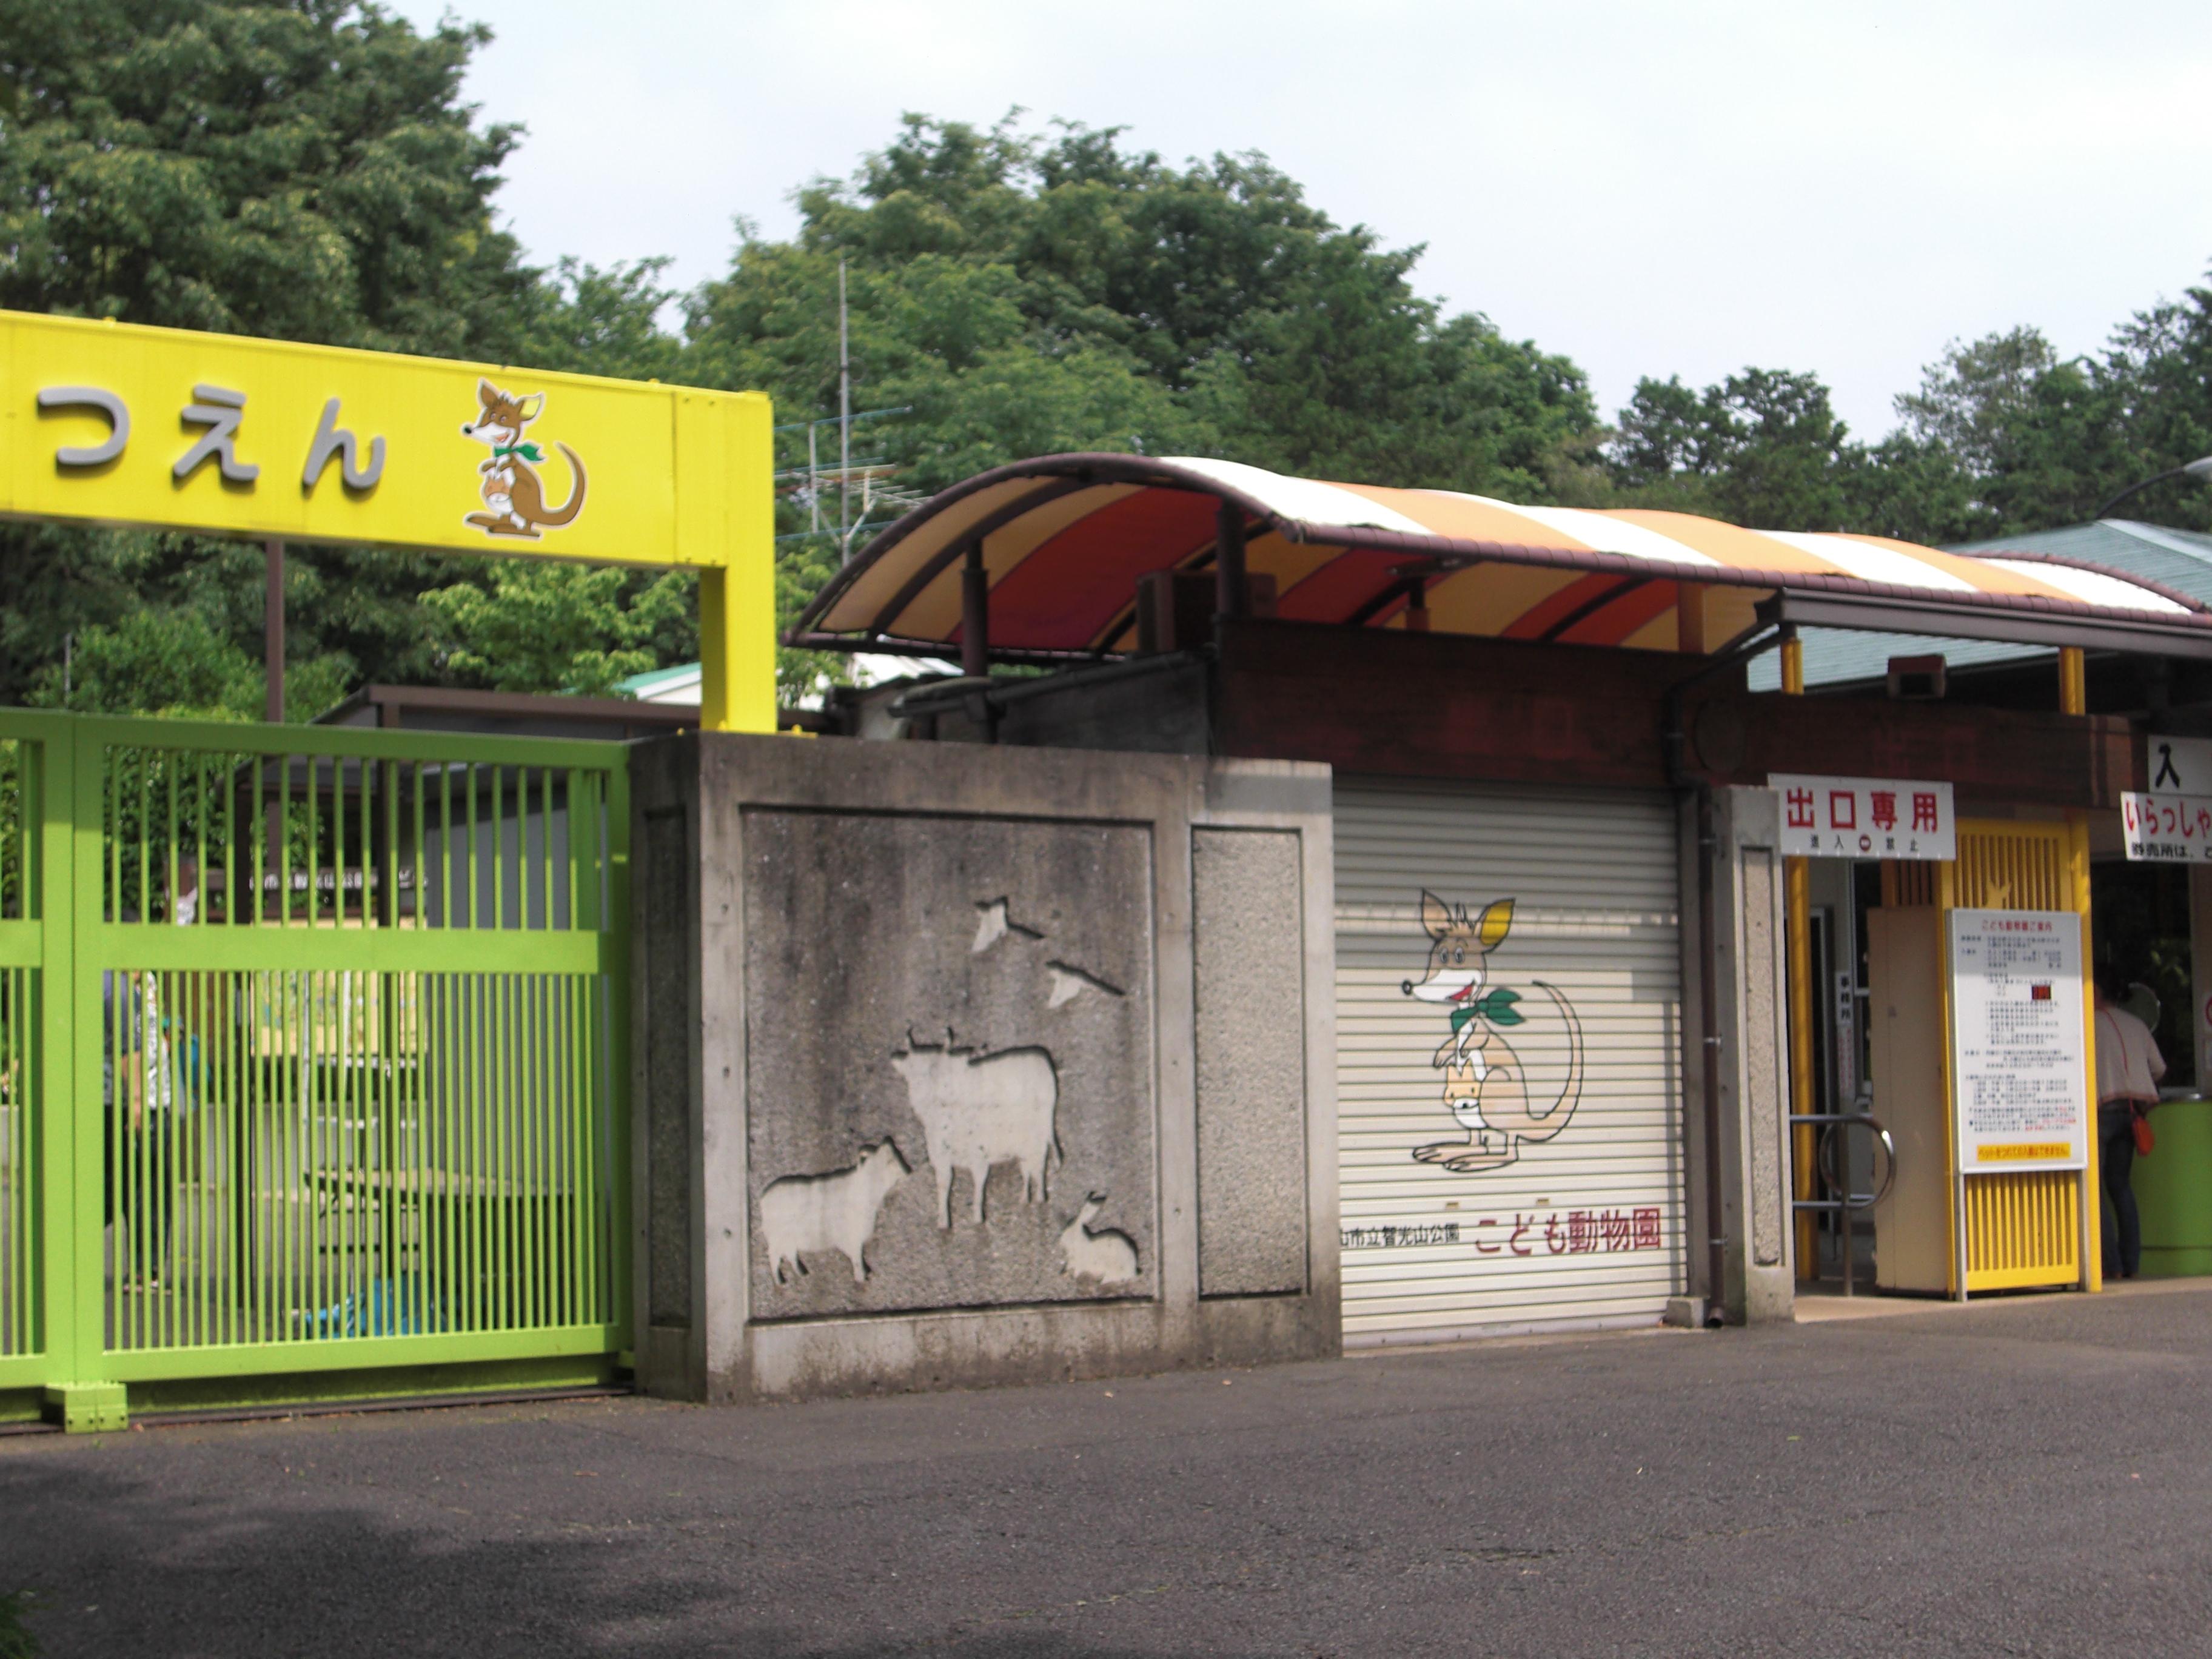 多くの子どもたちに親しまれている、狭山市立動物園。今後の管理はどうなる?